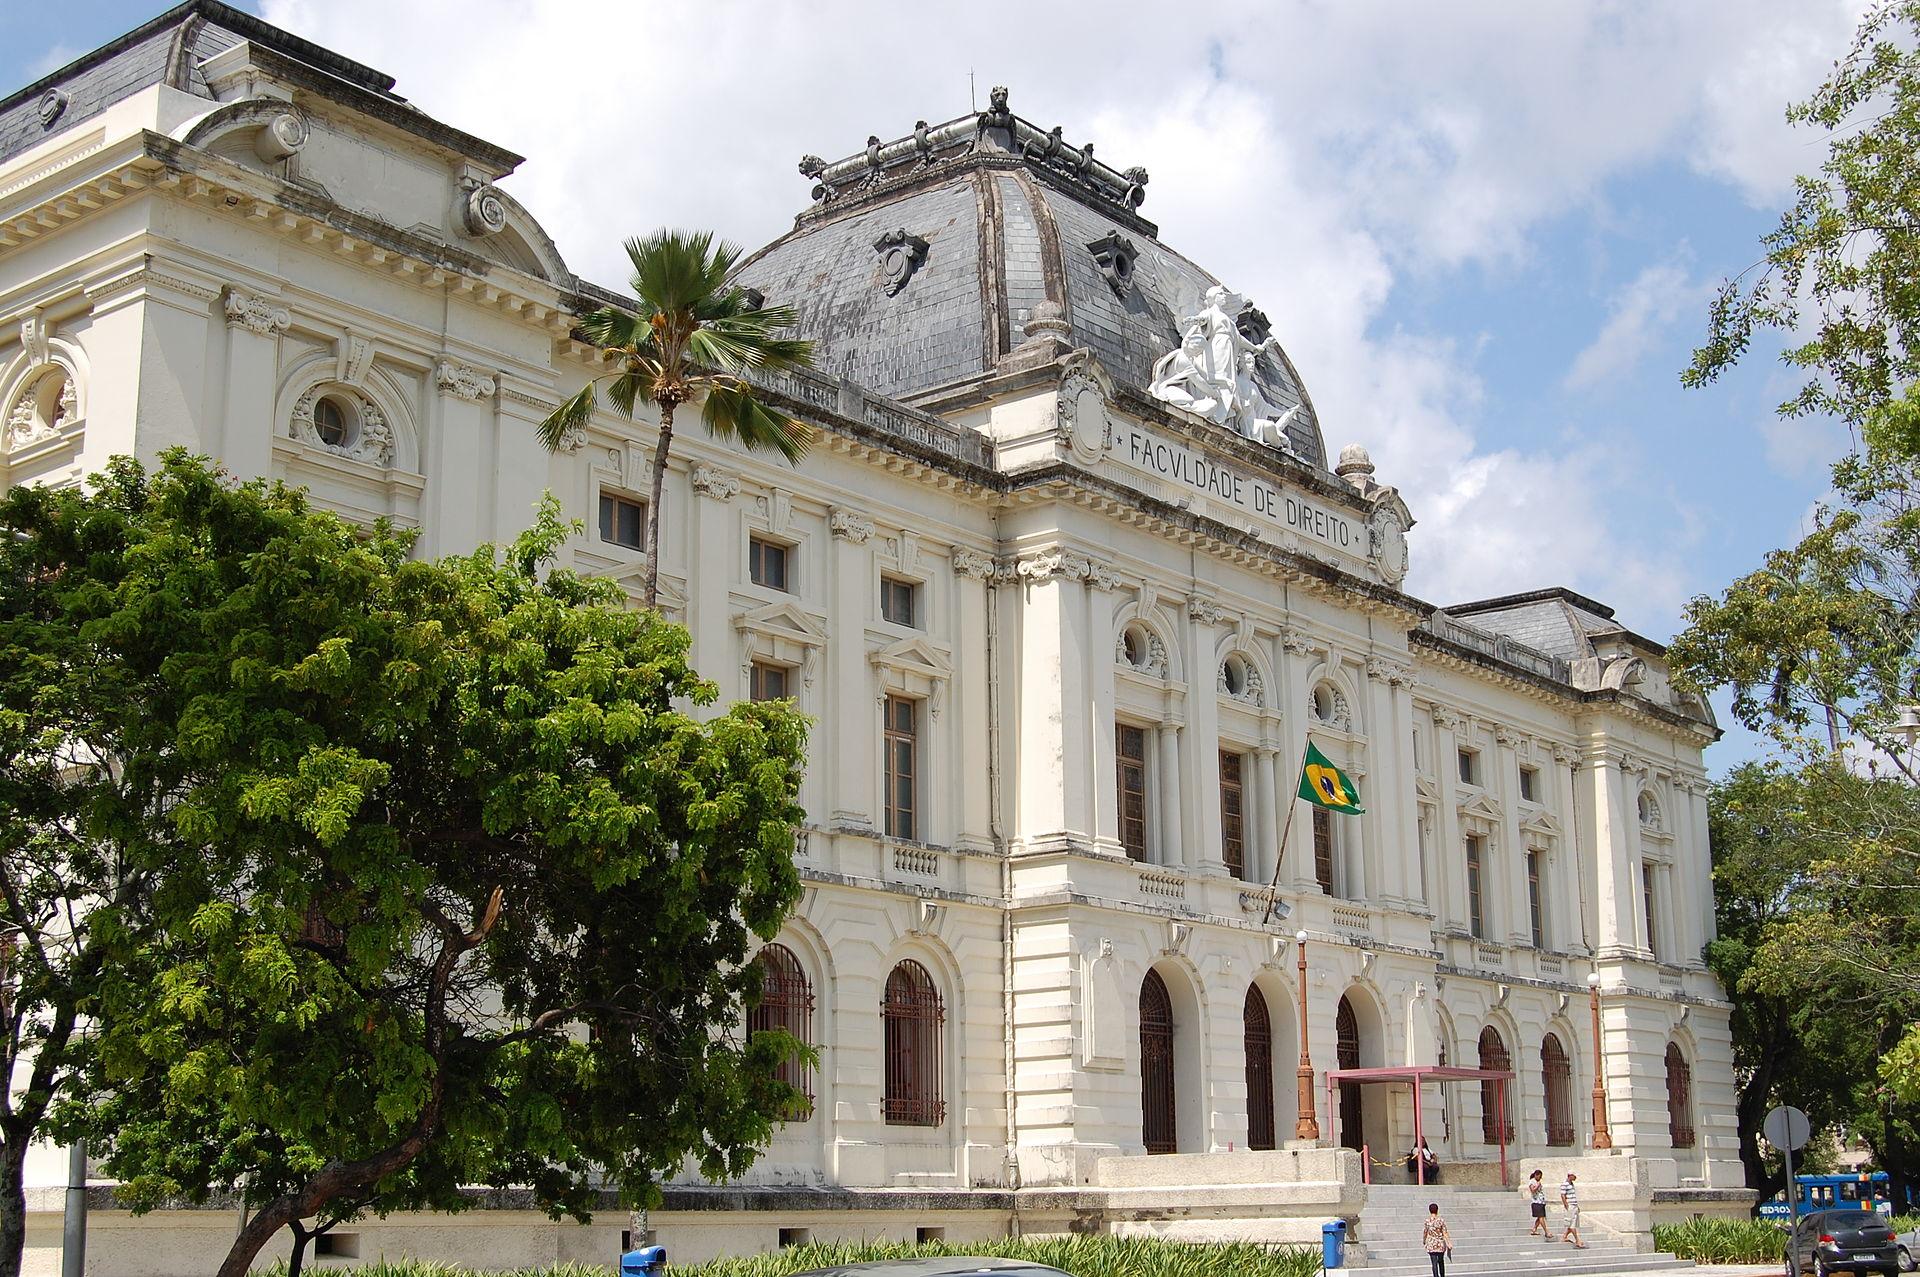 Faculdade_de_Direito_da_Universidade_Federal_de_Pernambuco_2